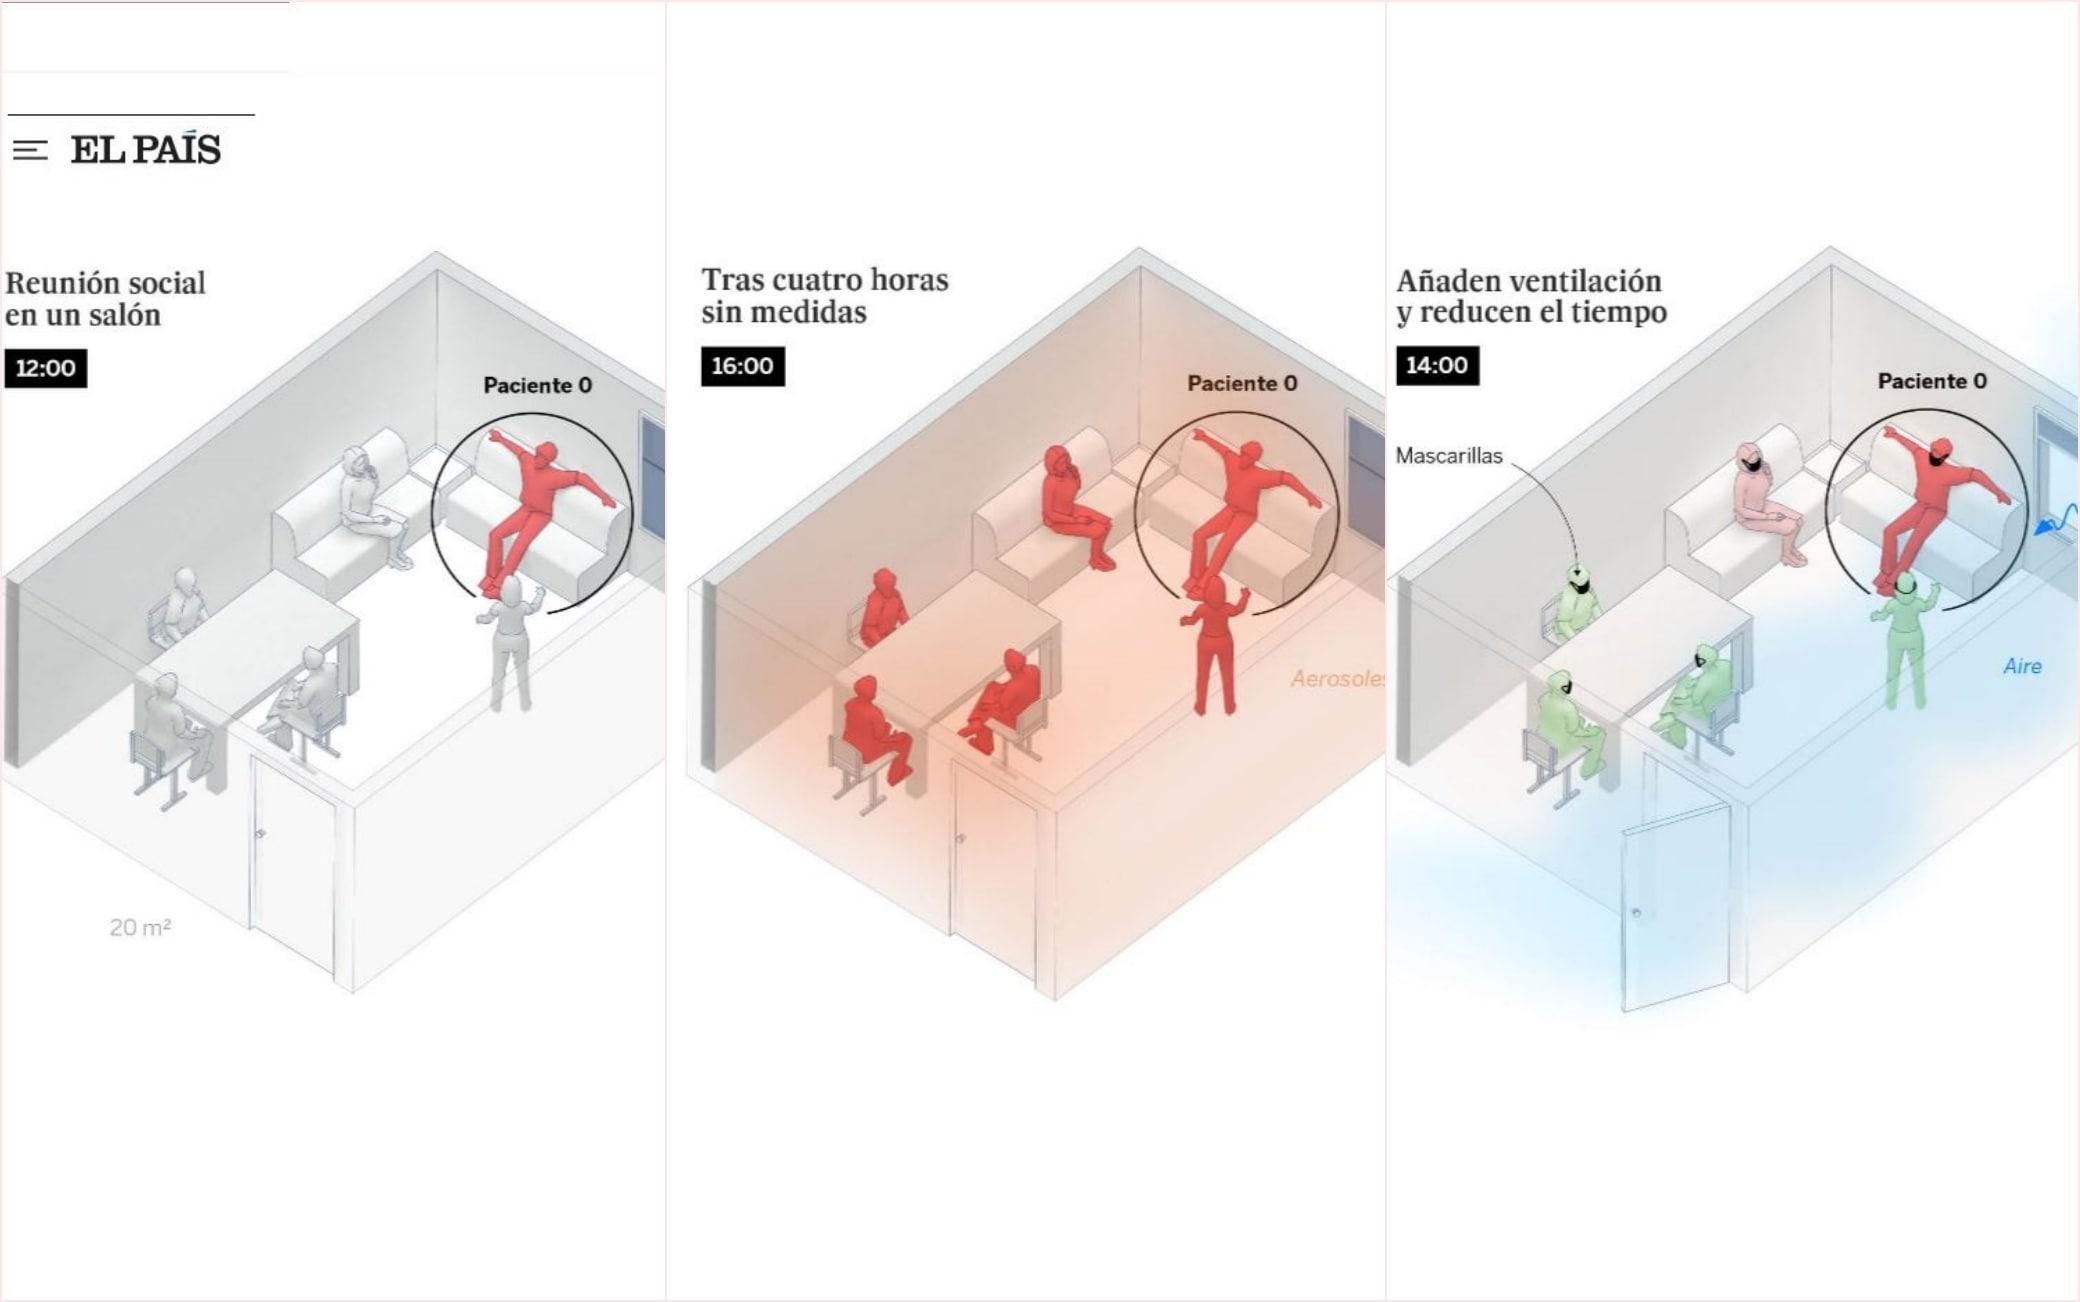 Come si trasmette il Covid al chiuso: il contagio attraverso l'aria,  secondo le grafiche del Pais